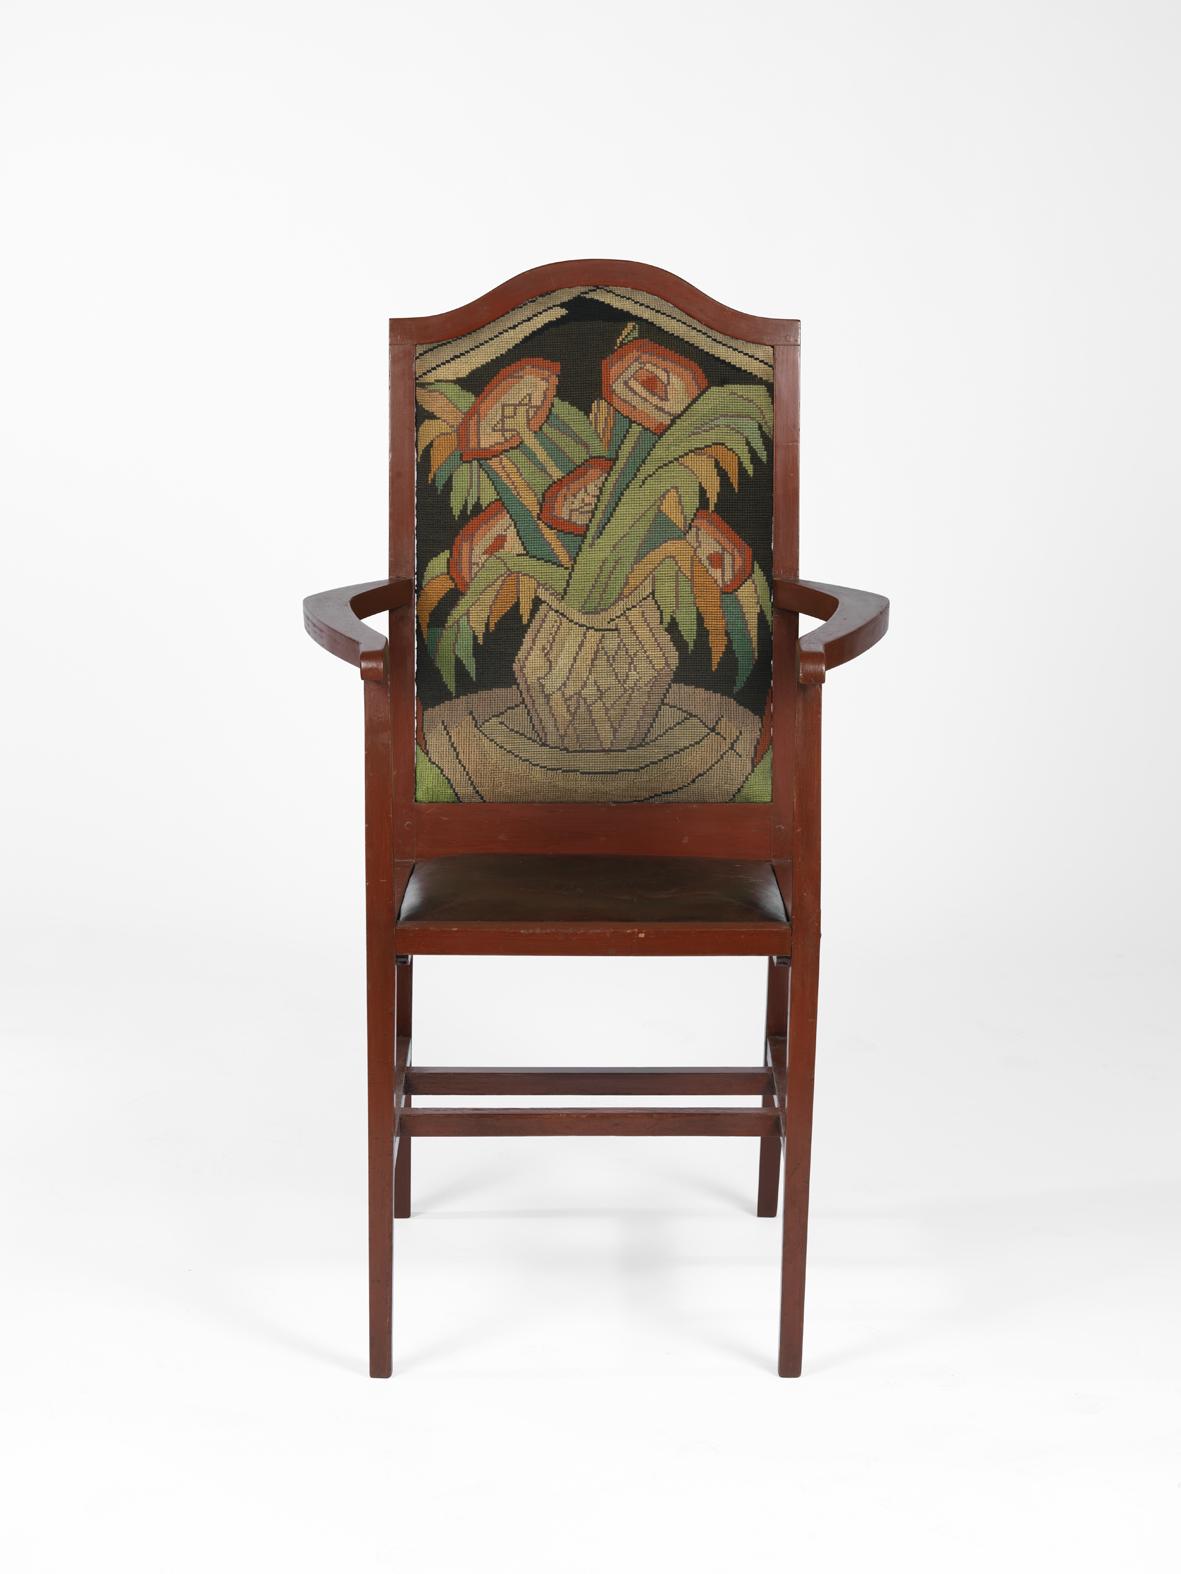 R. Fry, W. Gill, V. Bell (attr) - 1913, sedia con schienale ricamato, 1913, © Mart Rovereto, 2012